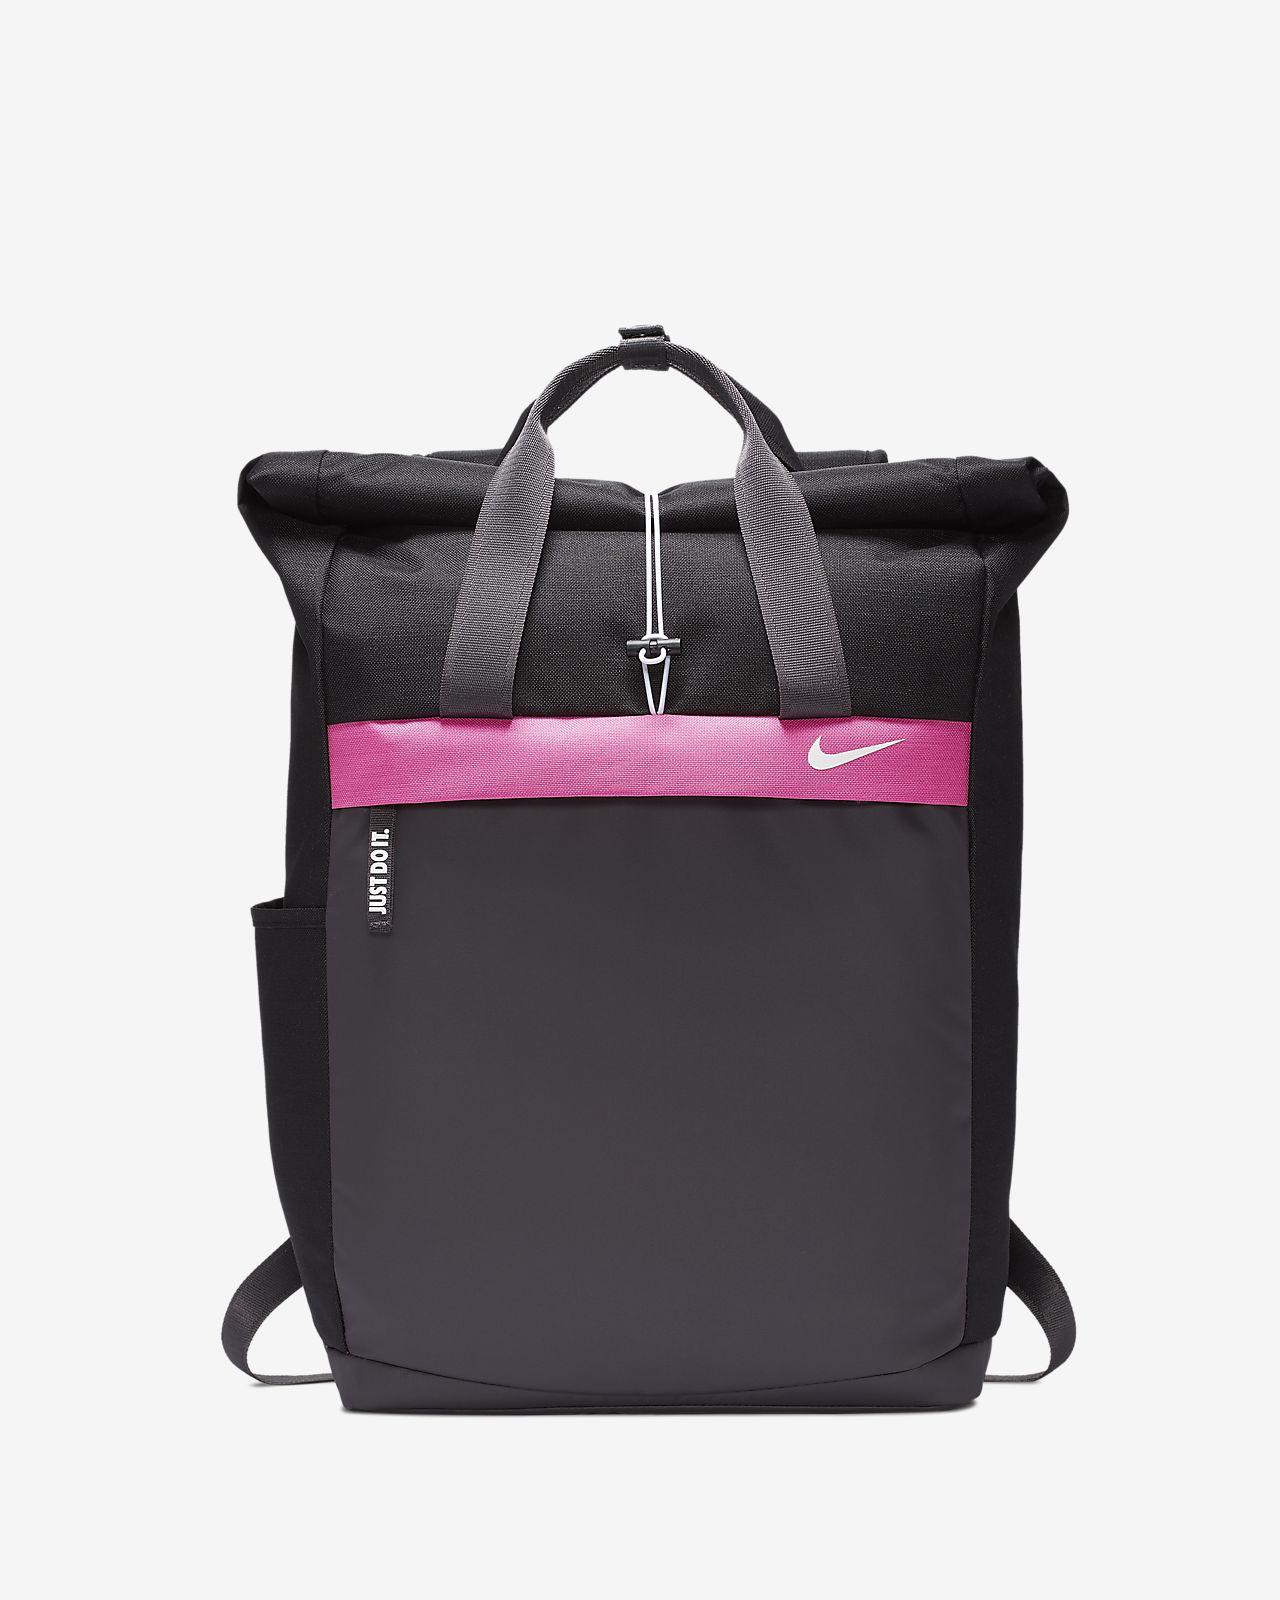 Nike Radiate ryggsekk